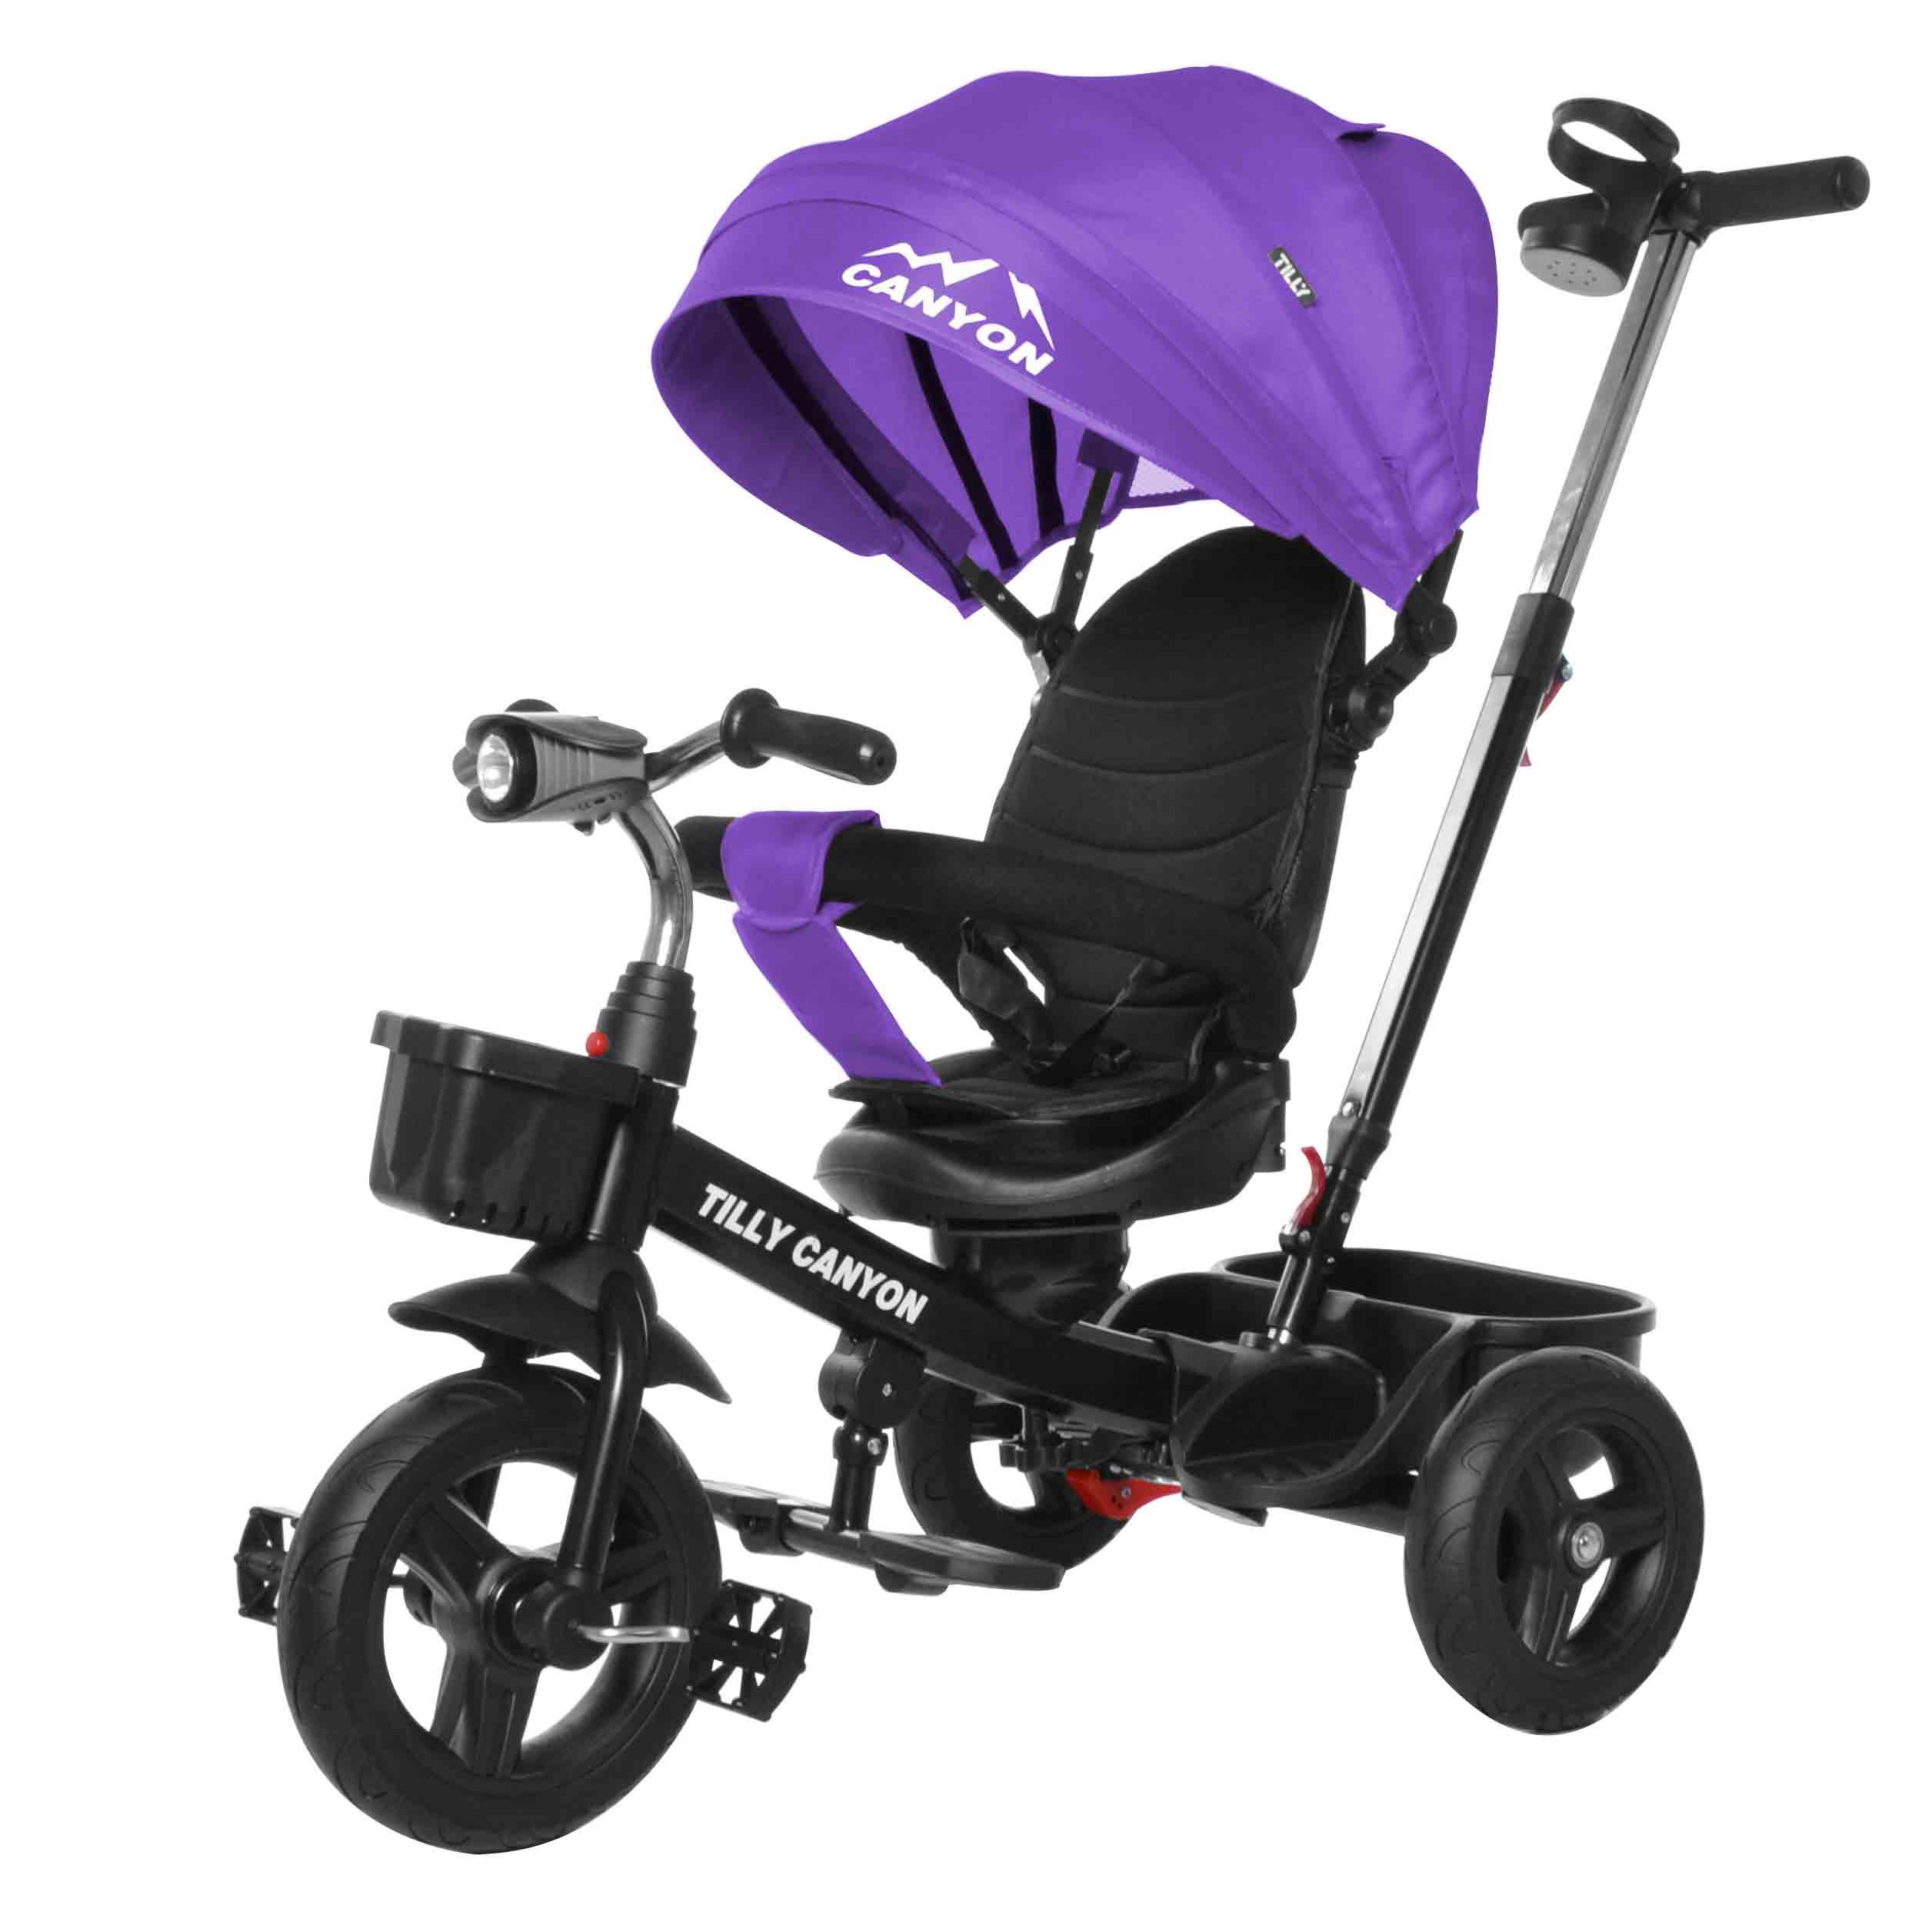 Велосипед триколісний TILLY CANYON T-384 Фіолетовий